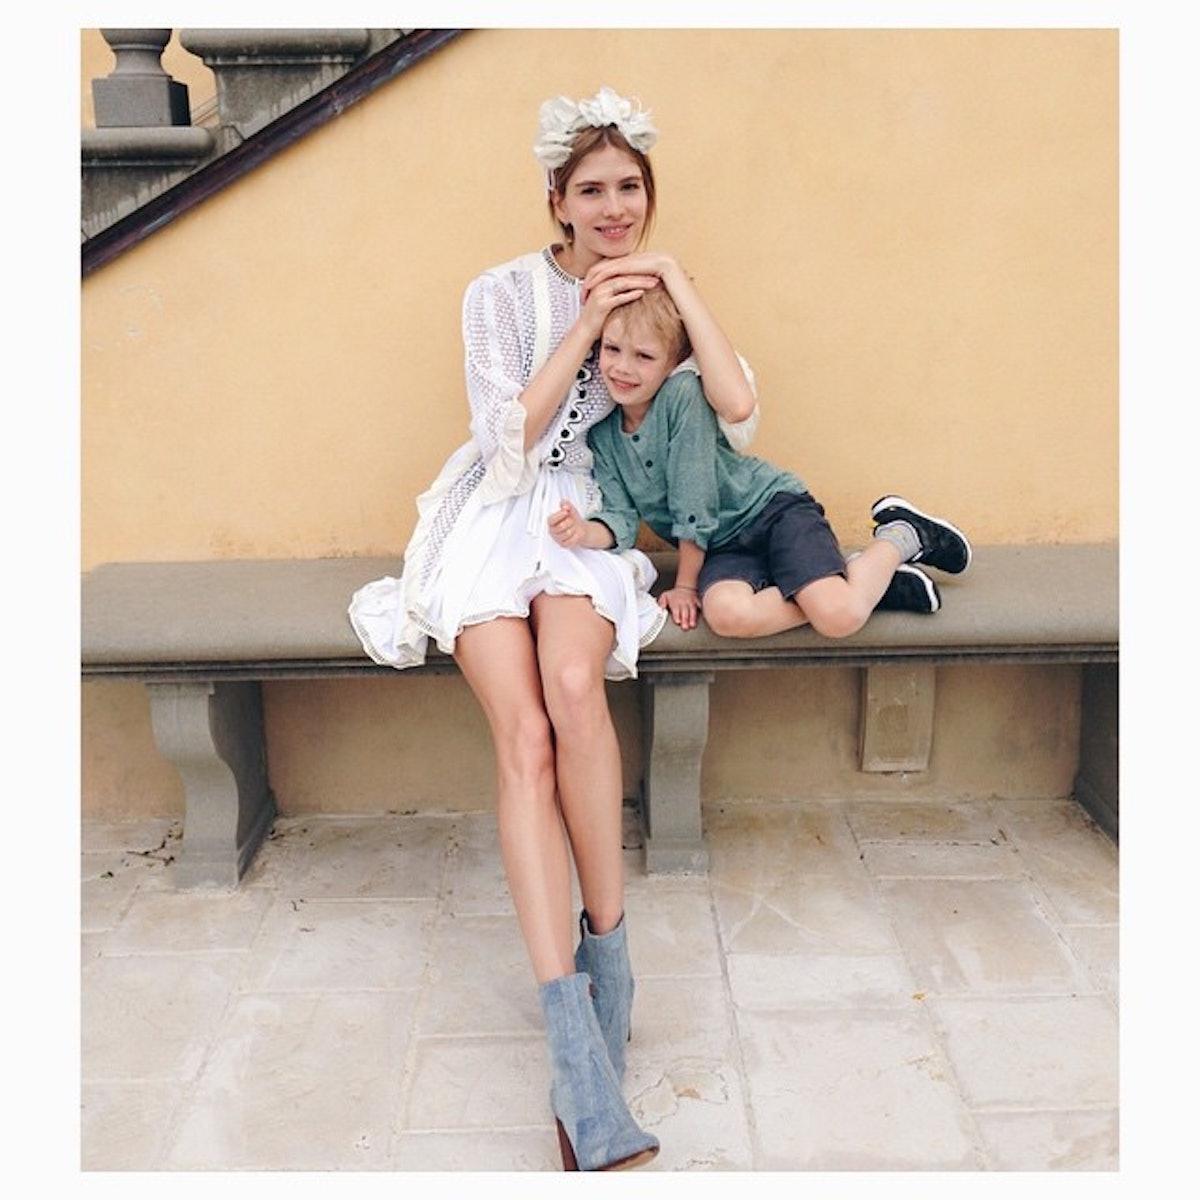 Lena Perminova in Louis Vuitton